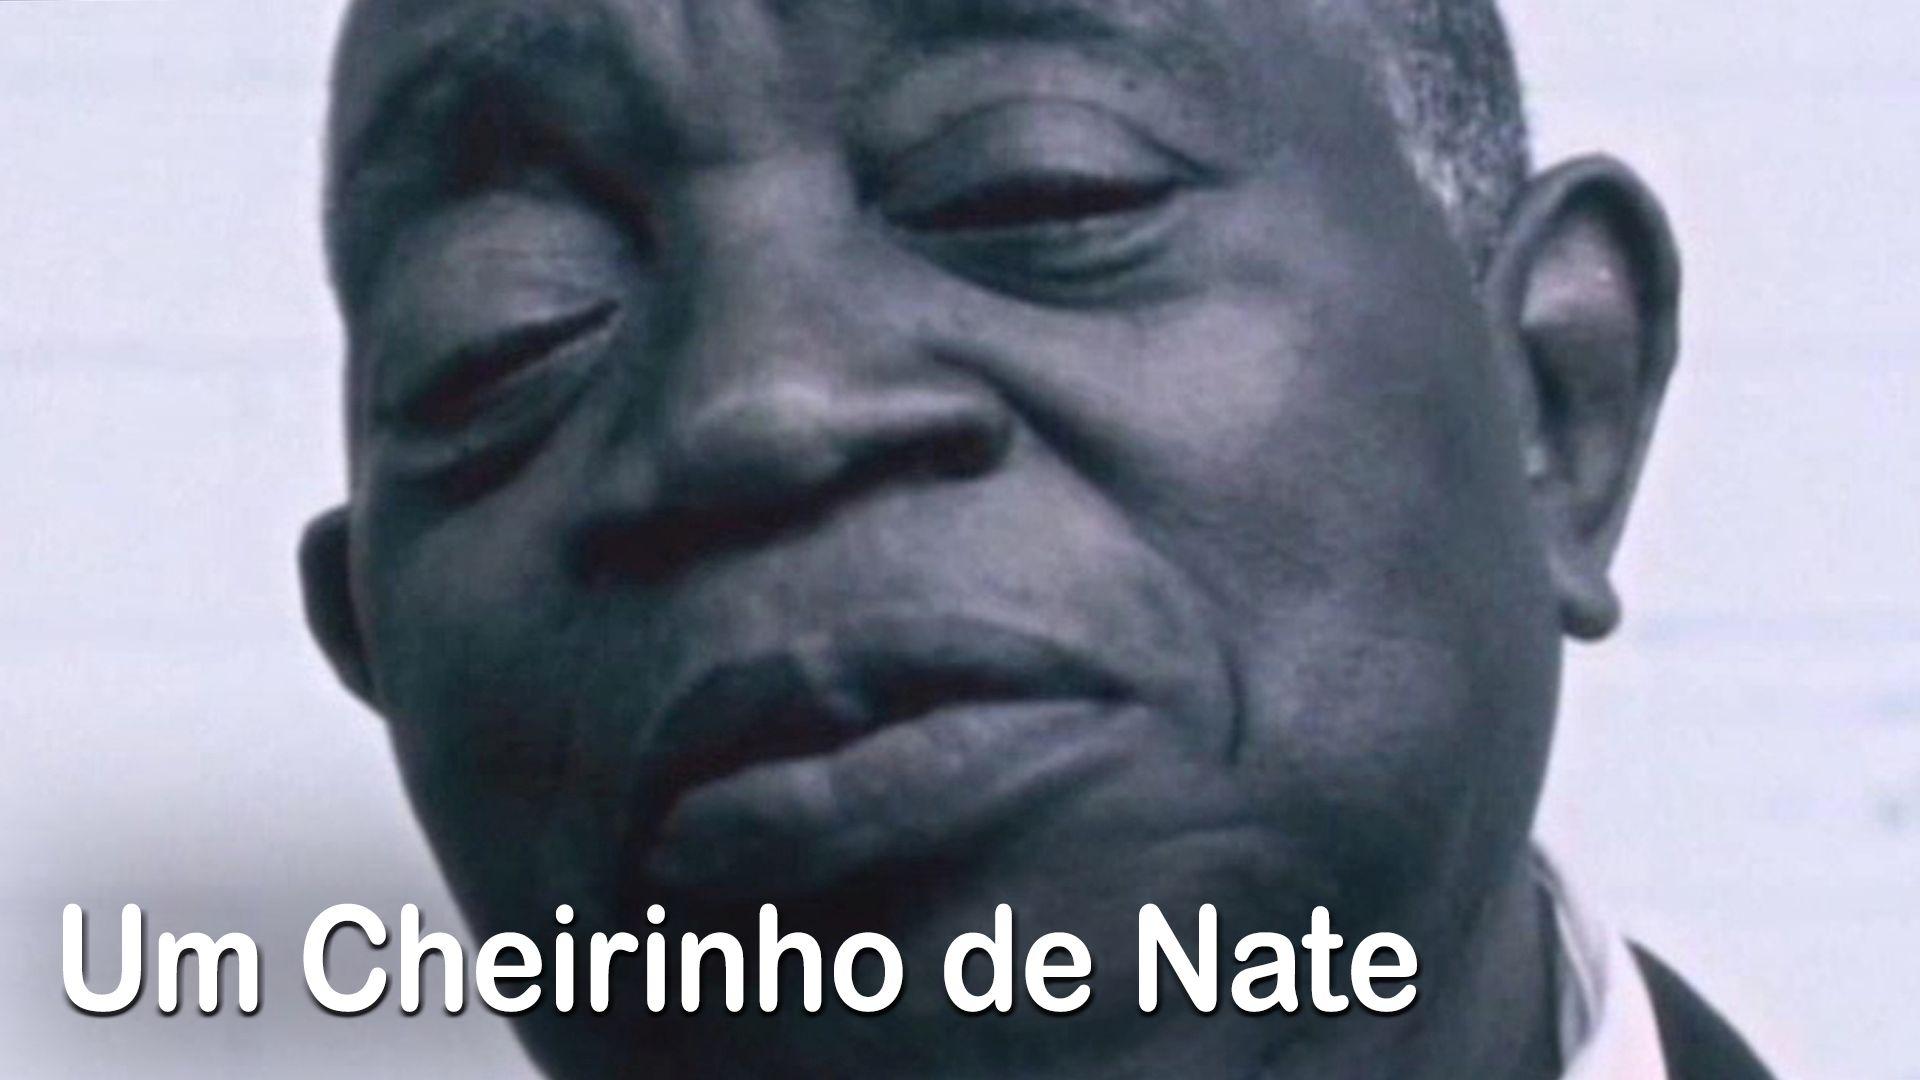 Um Cheirinho de Nate